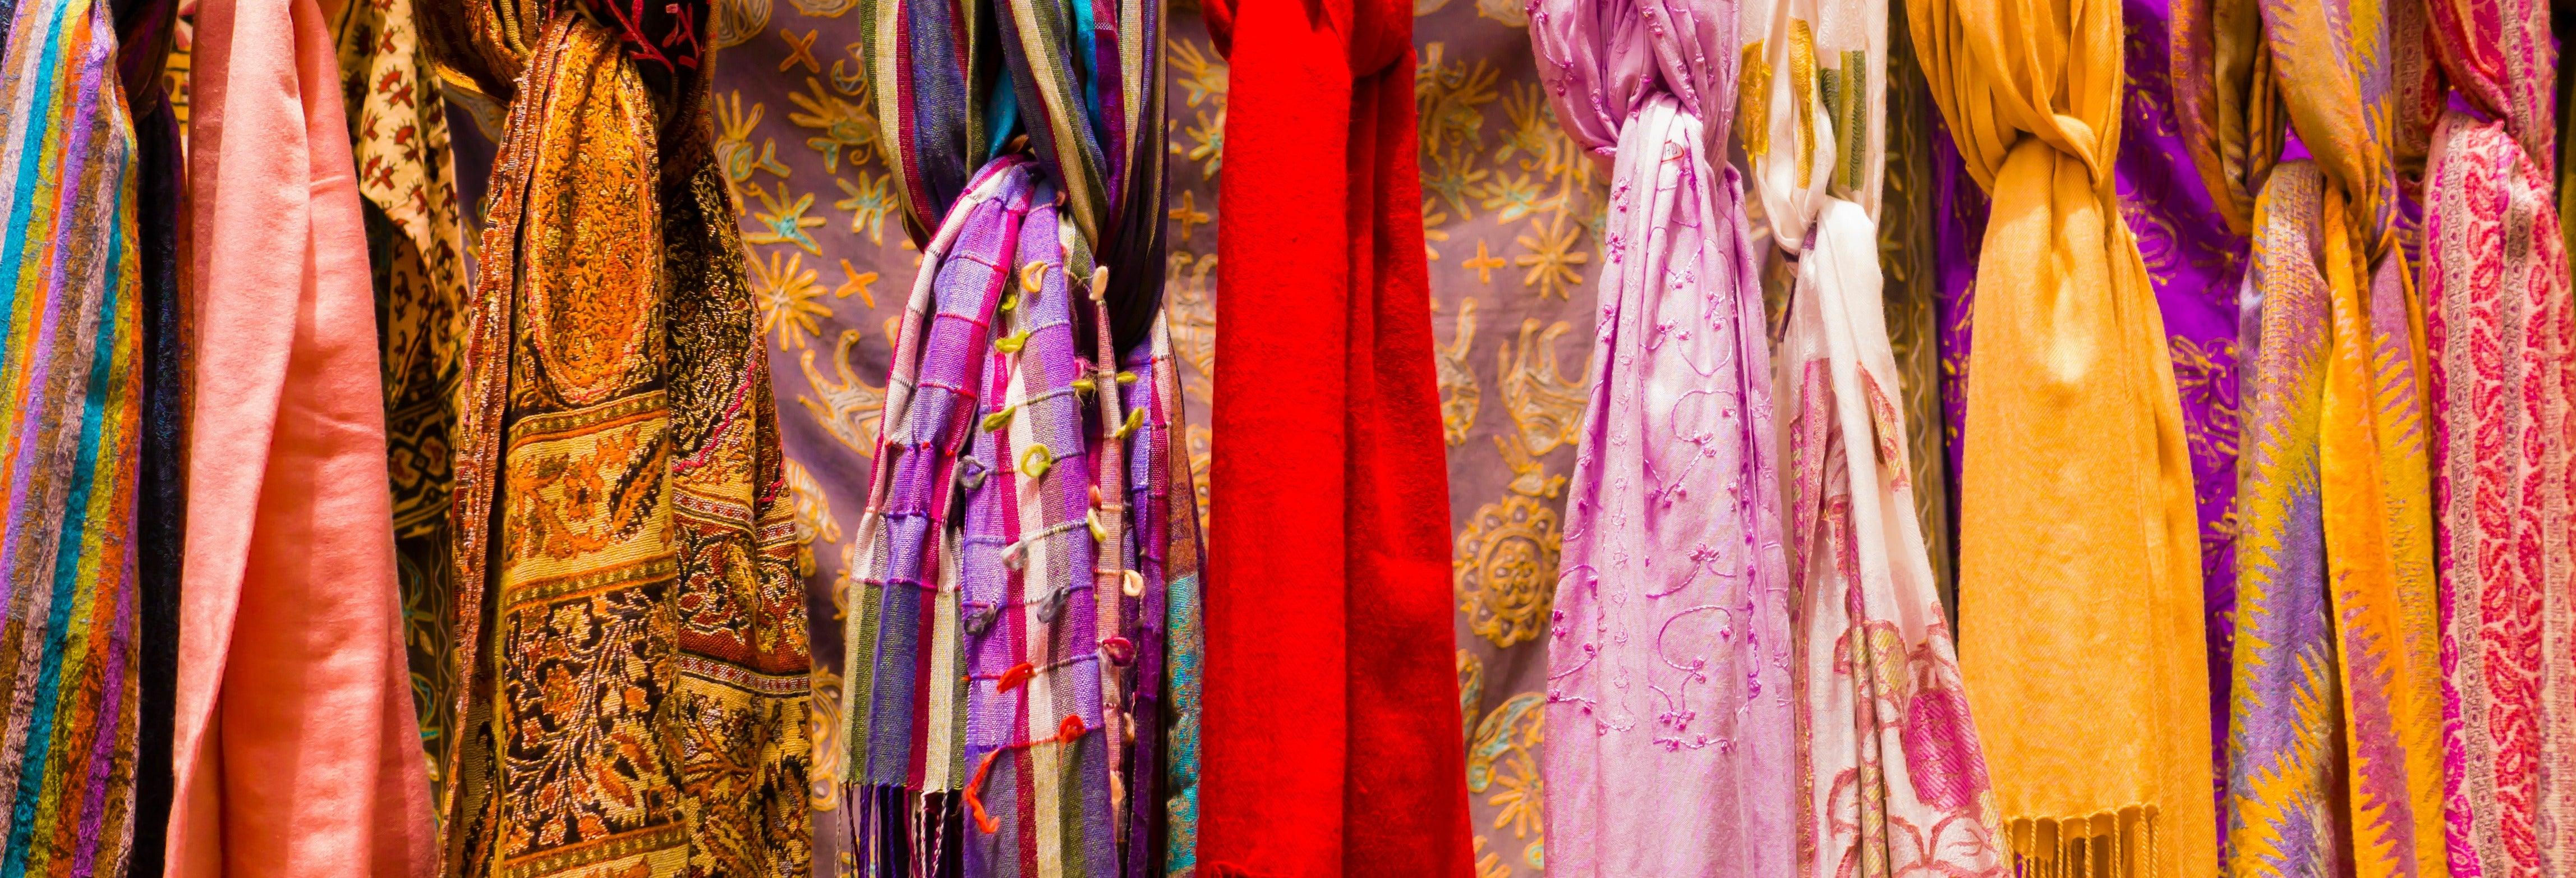 Tour privado pelos bazares de Agra